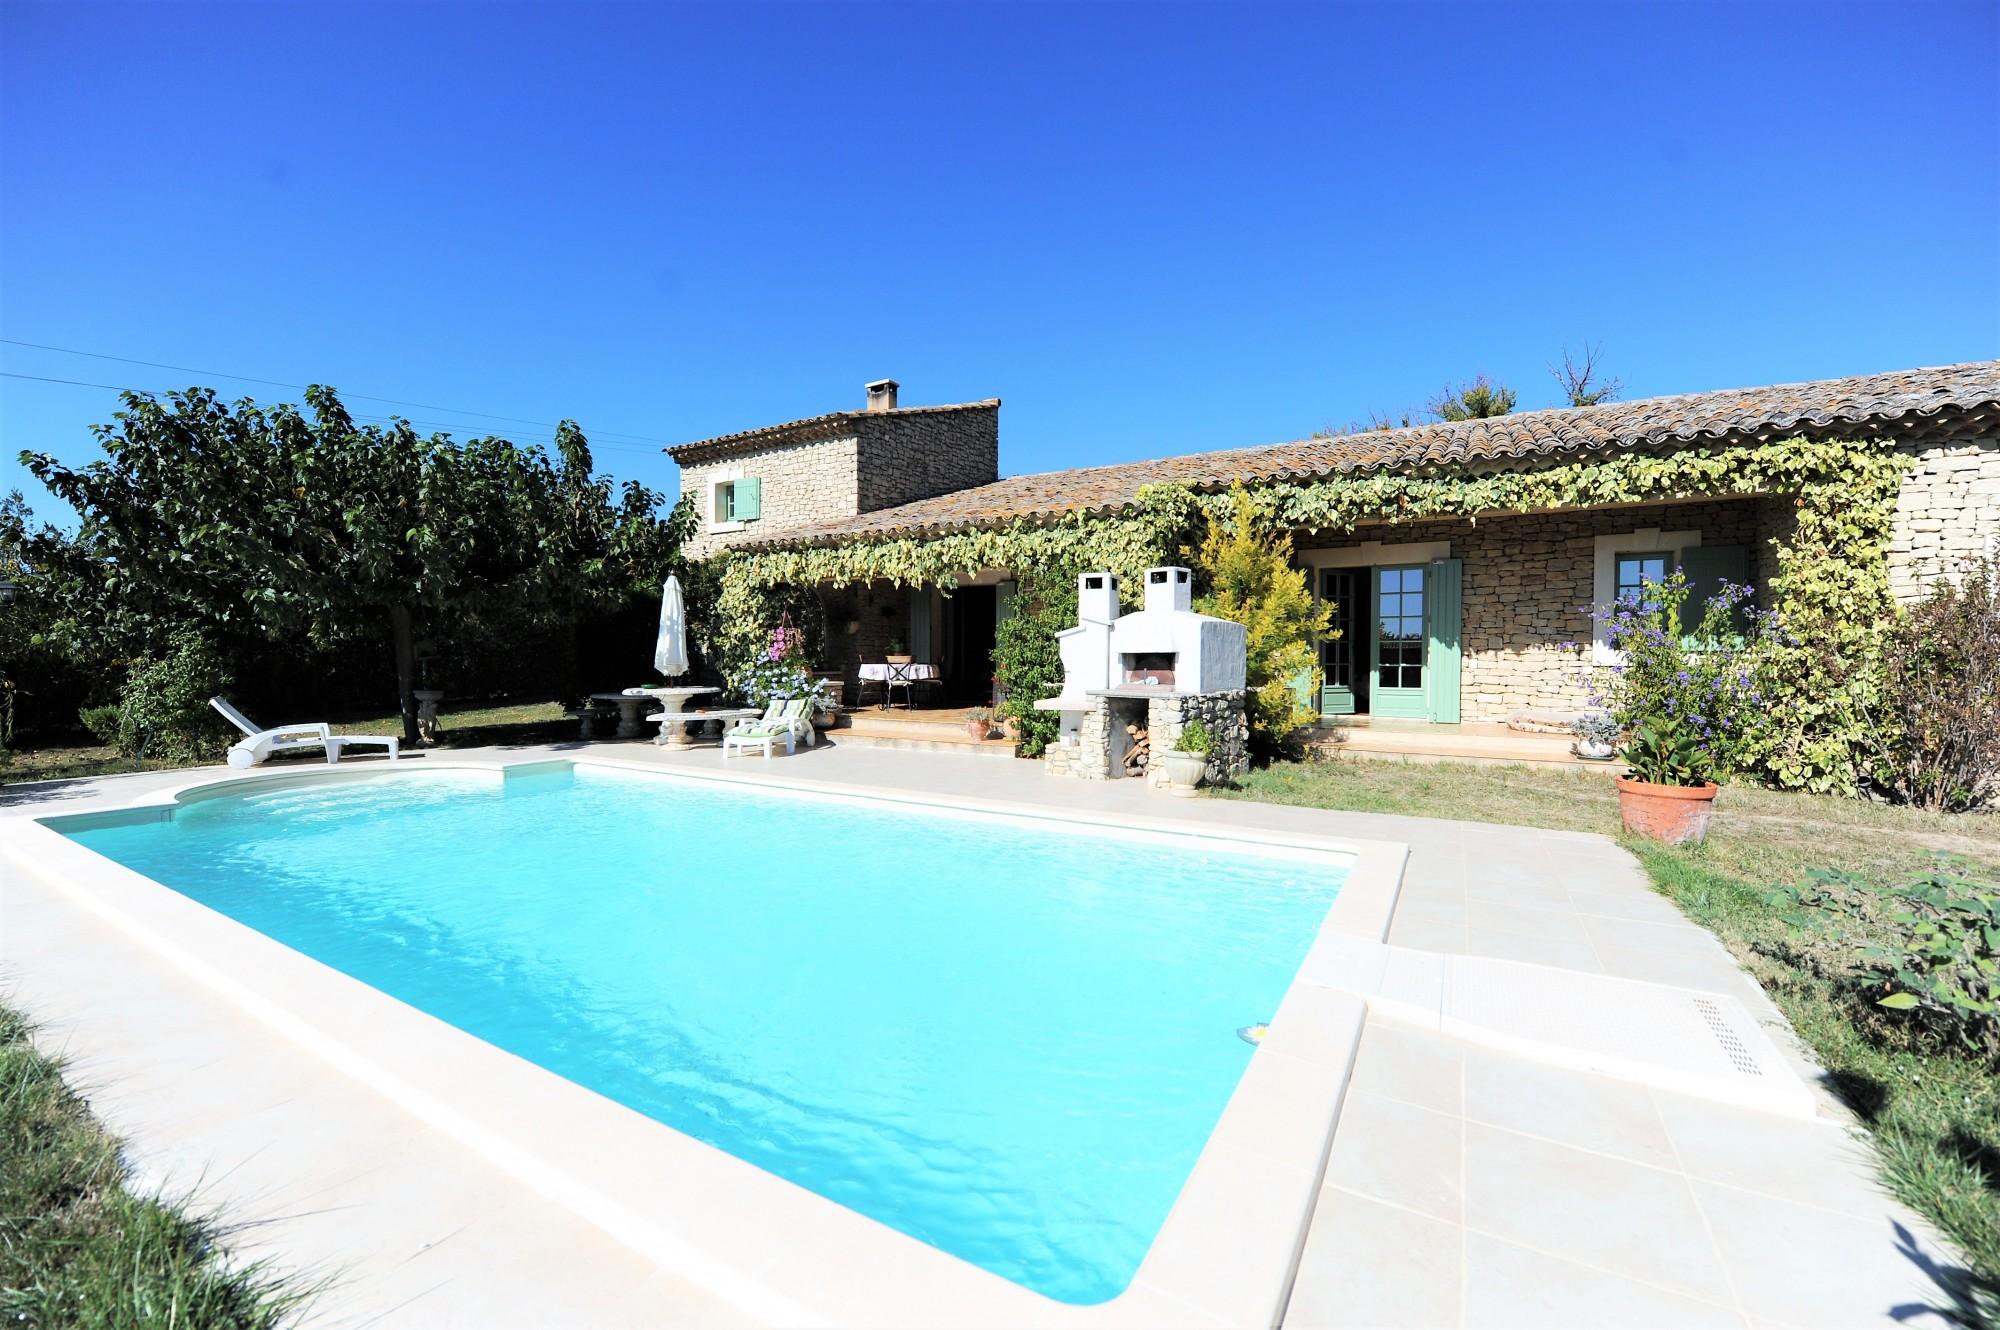 Proche de Gordes, Maison en pierres de plain-pied avec piscine